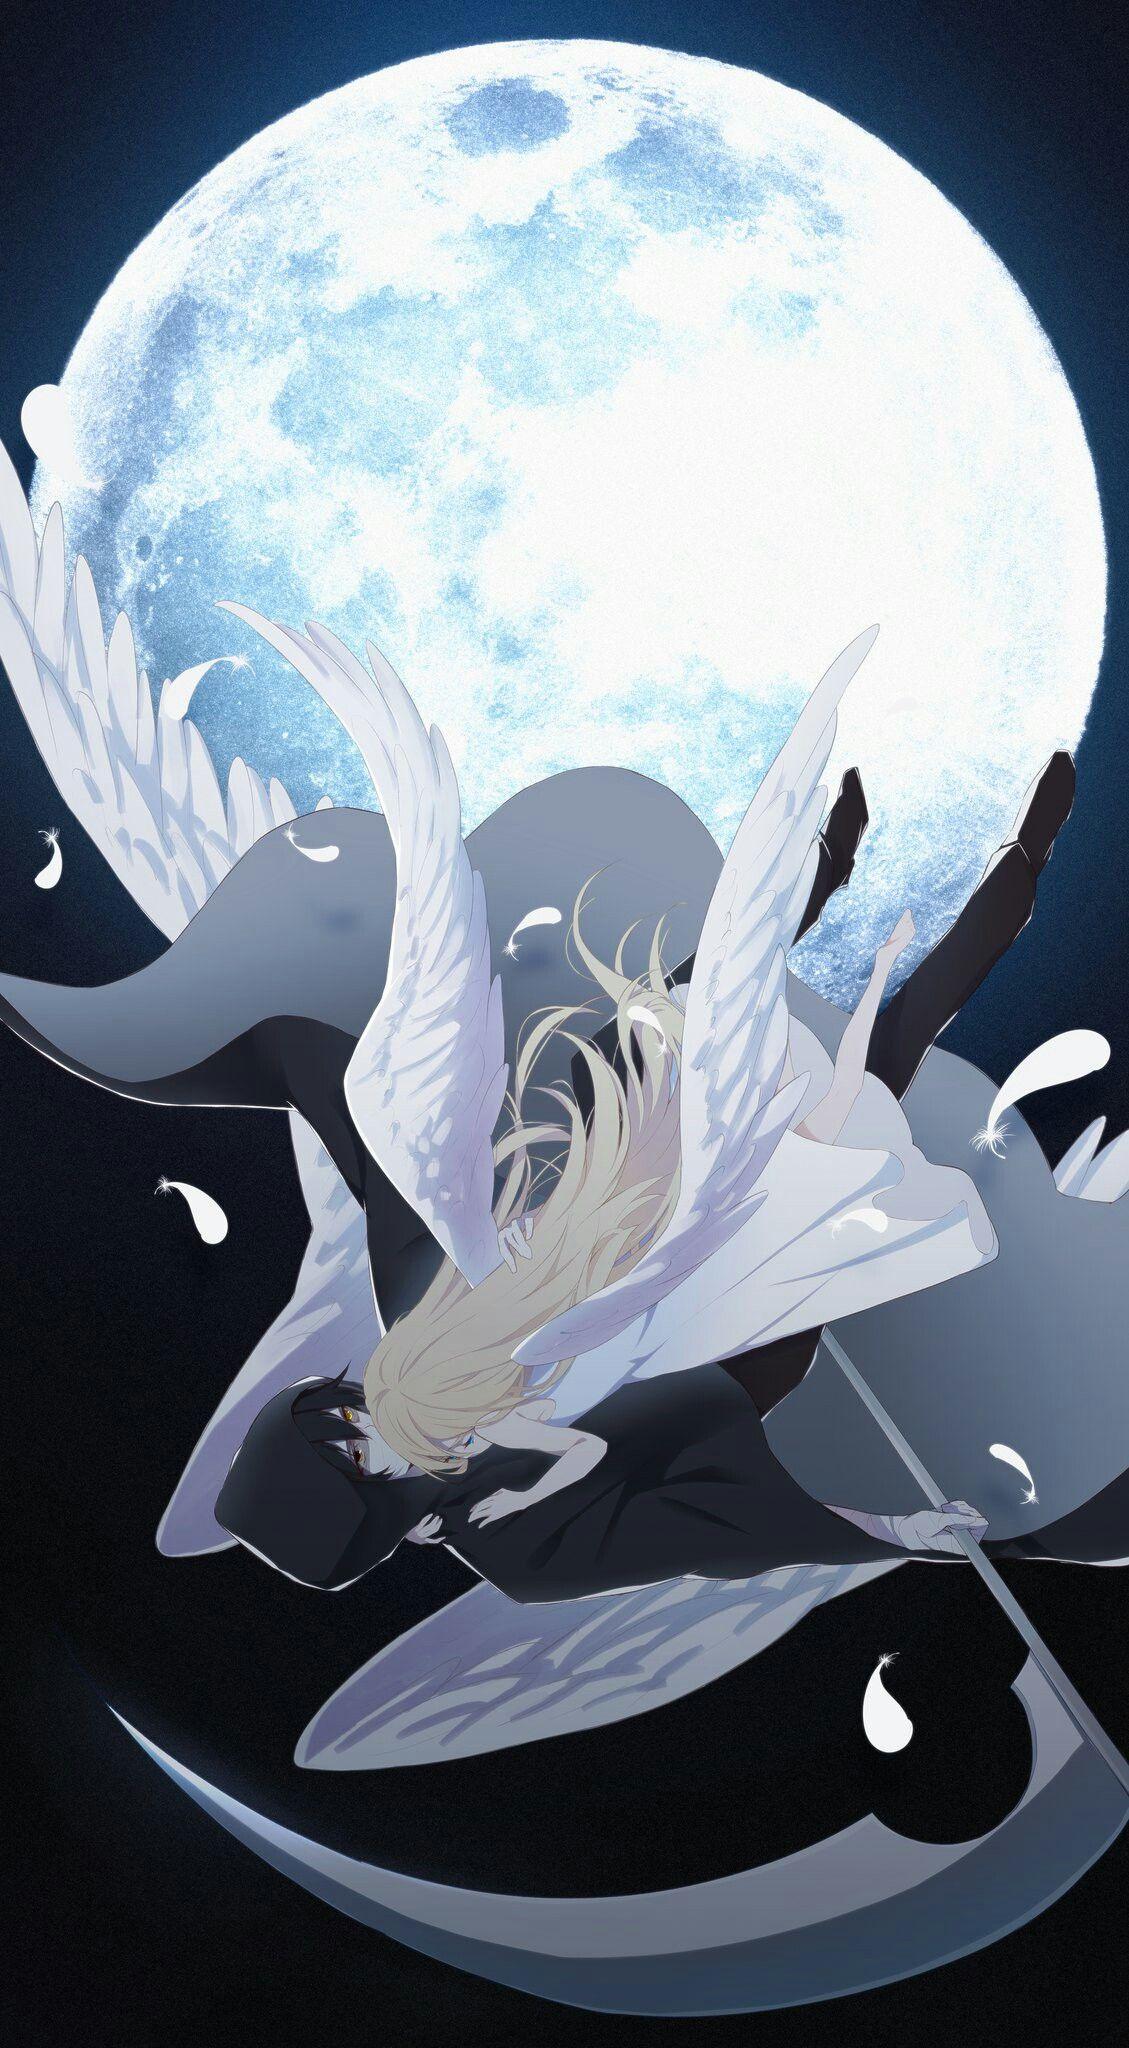 殺戮の天使 の画像 投稿者 Ray さん フリーホラーゲーム 堕